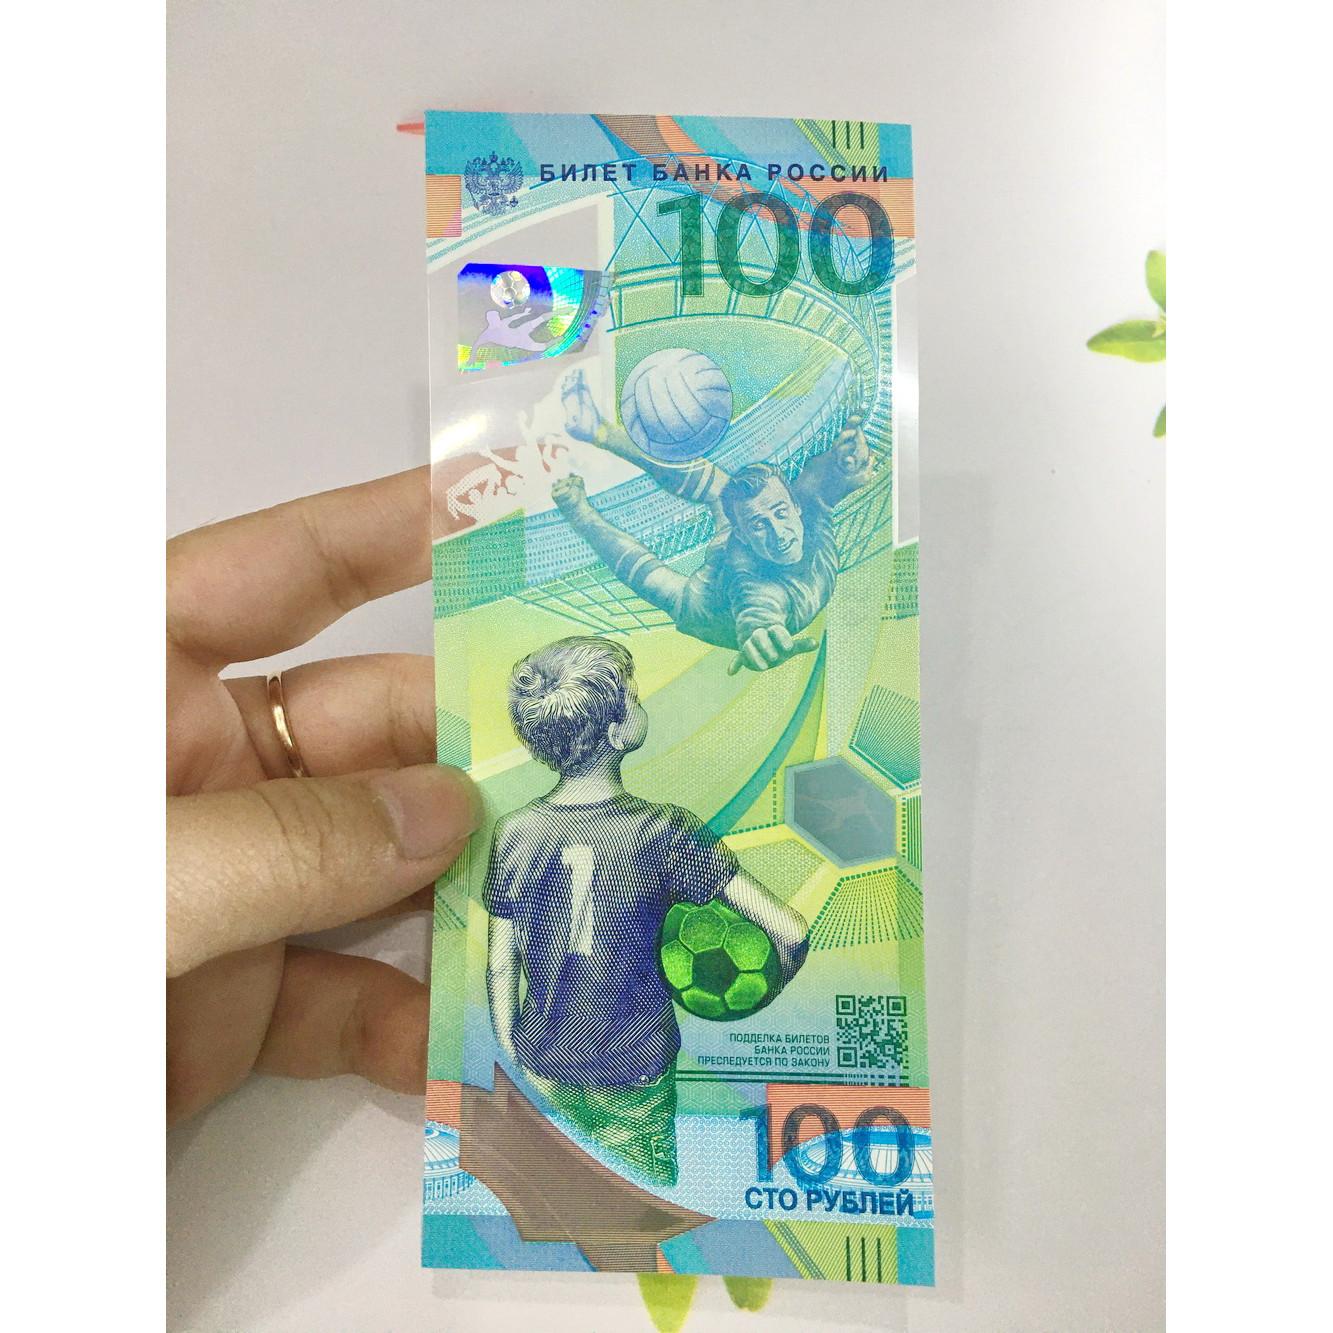 Tiền 100 Rúp của Nga kỷ niệm World Cup 2018, tiền polyme , tặng phơi nylon bảo quản tiền PCCB MINGT